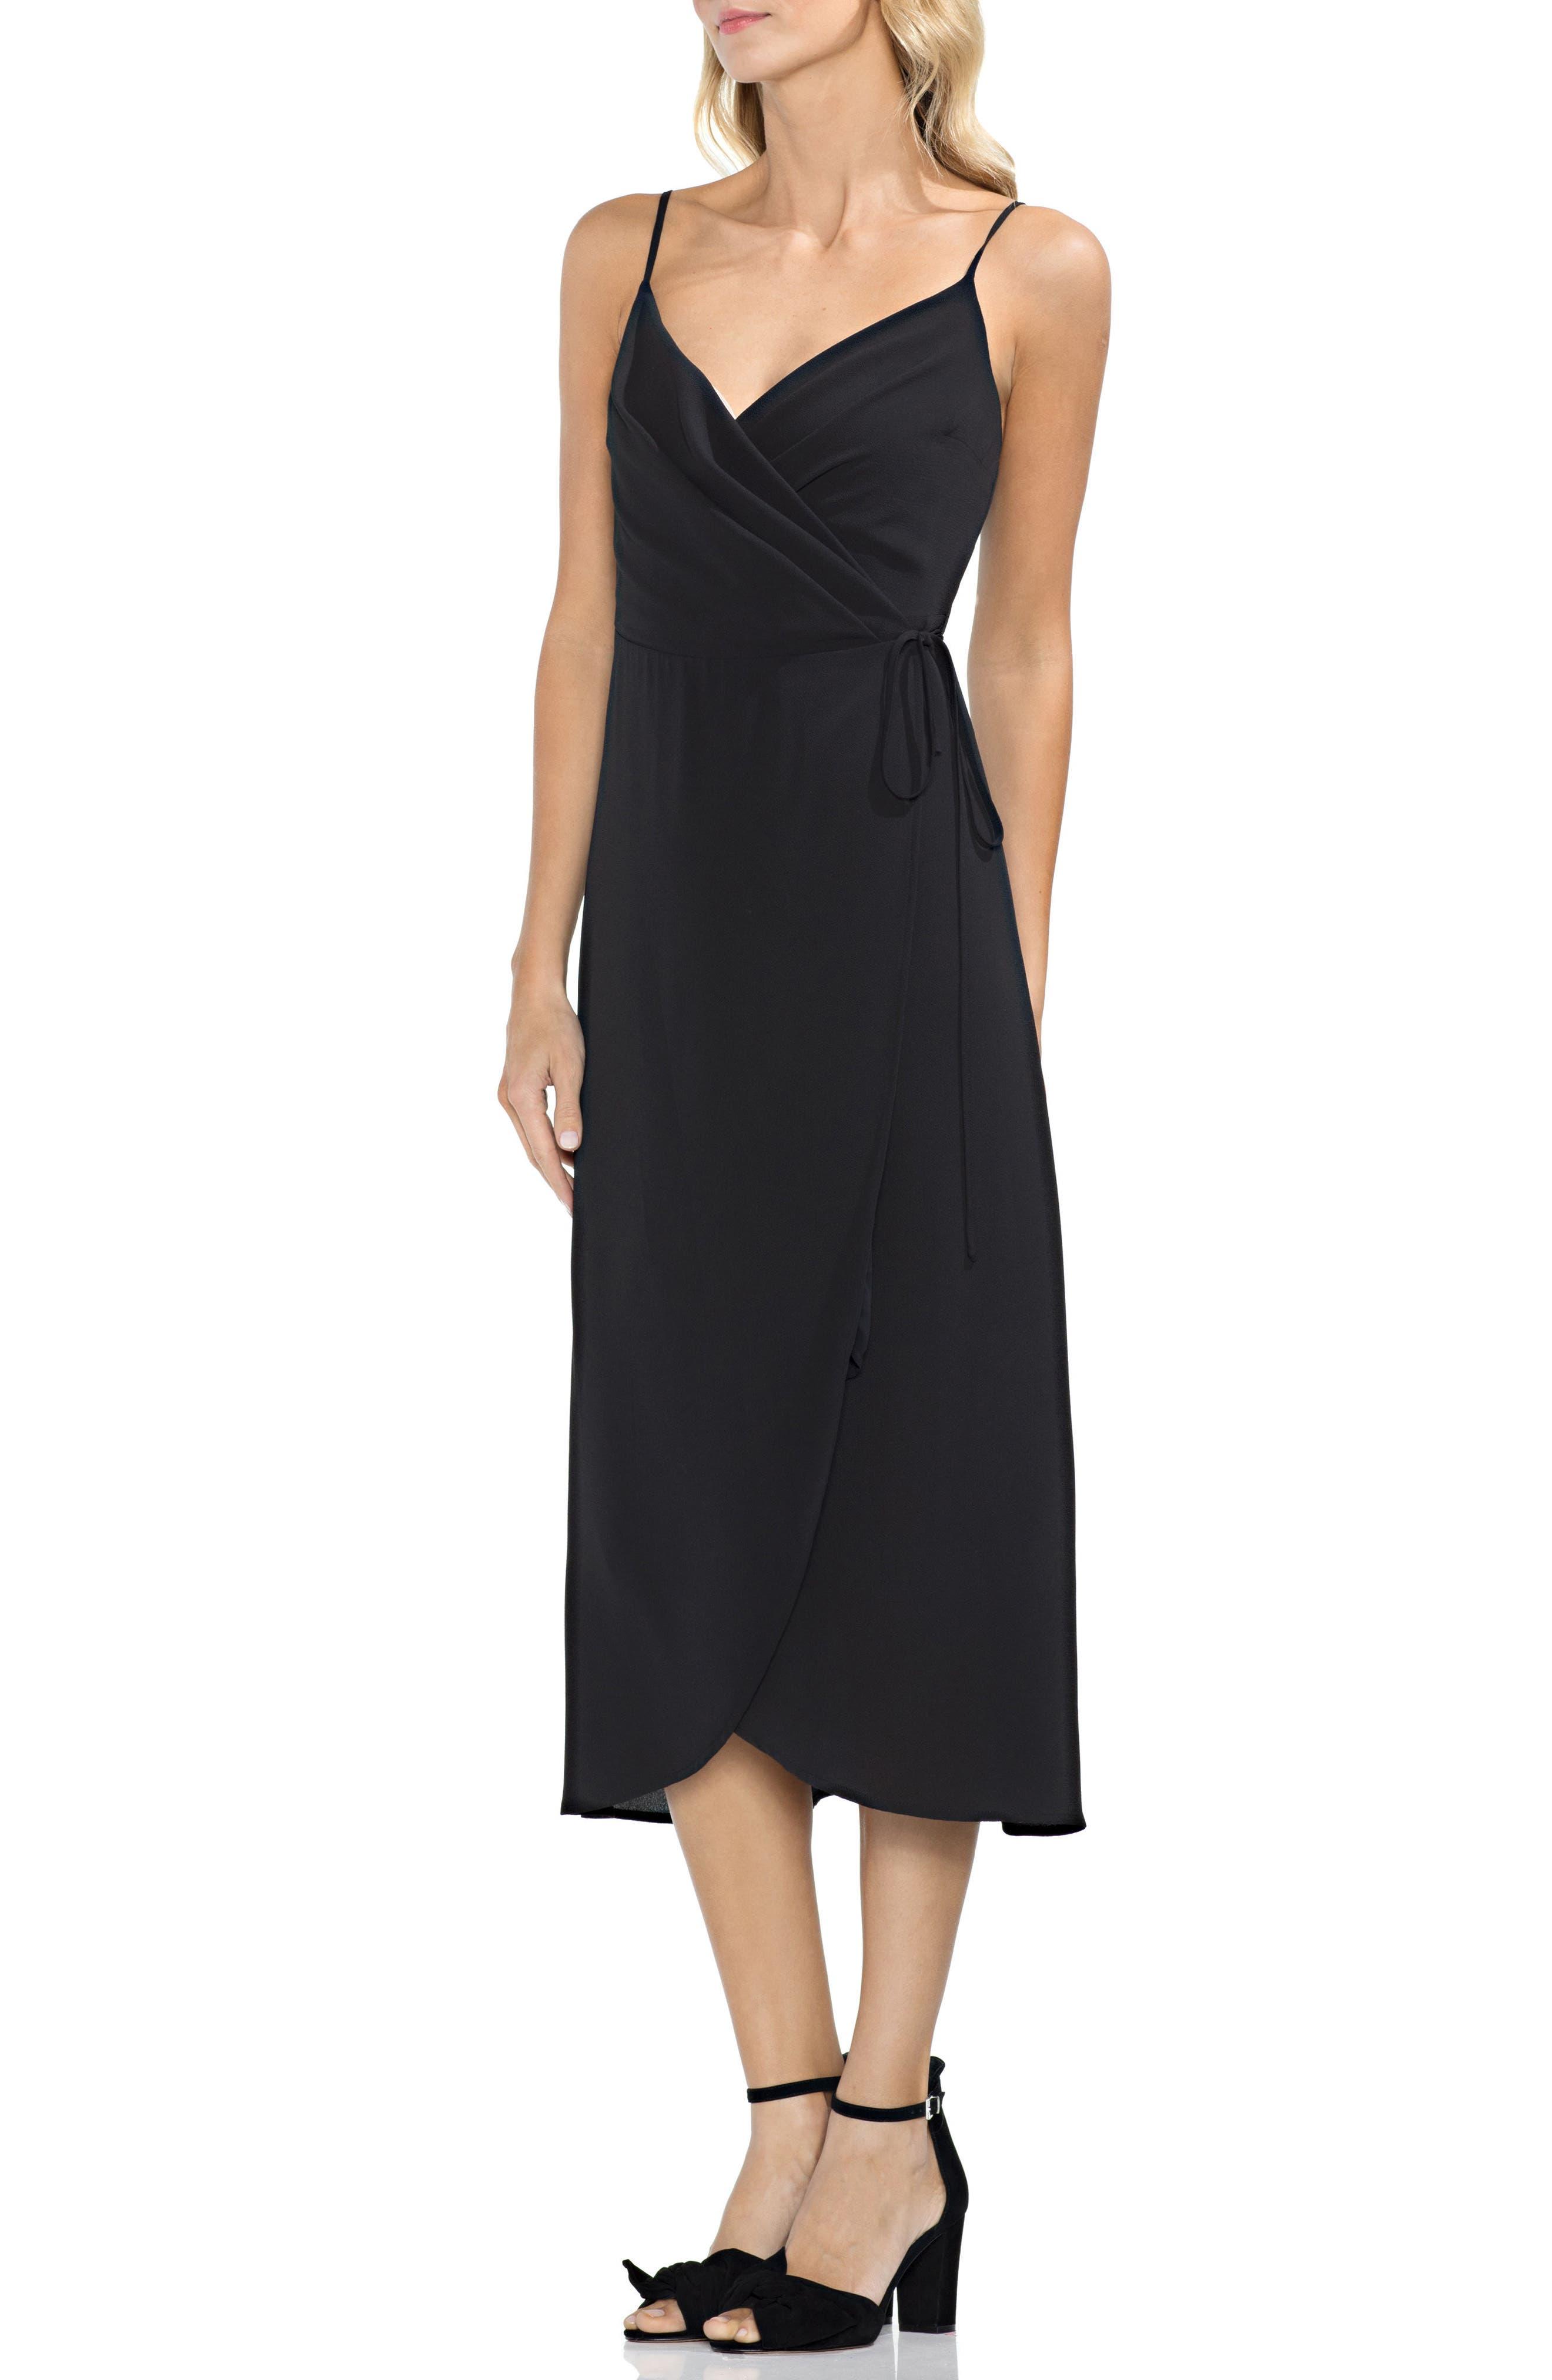 VINCE CAMUTO,                             Soft Texture Faux Wrap Midi Dress,                             Main thumbnail 1, color,                             001